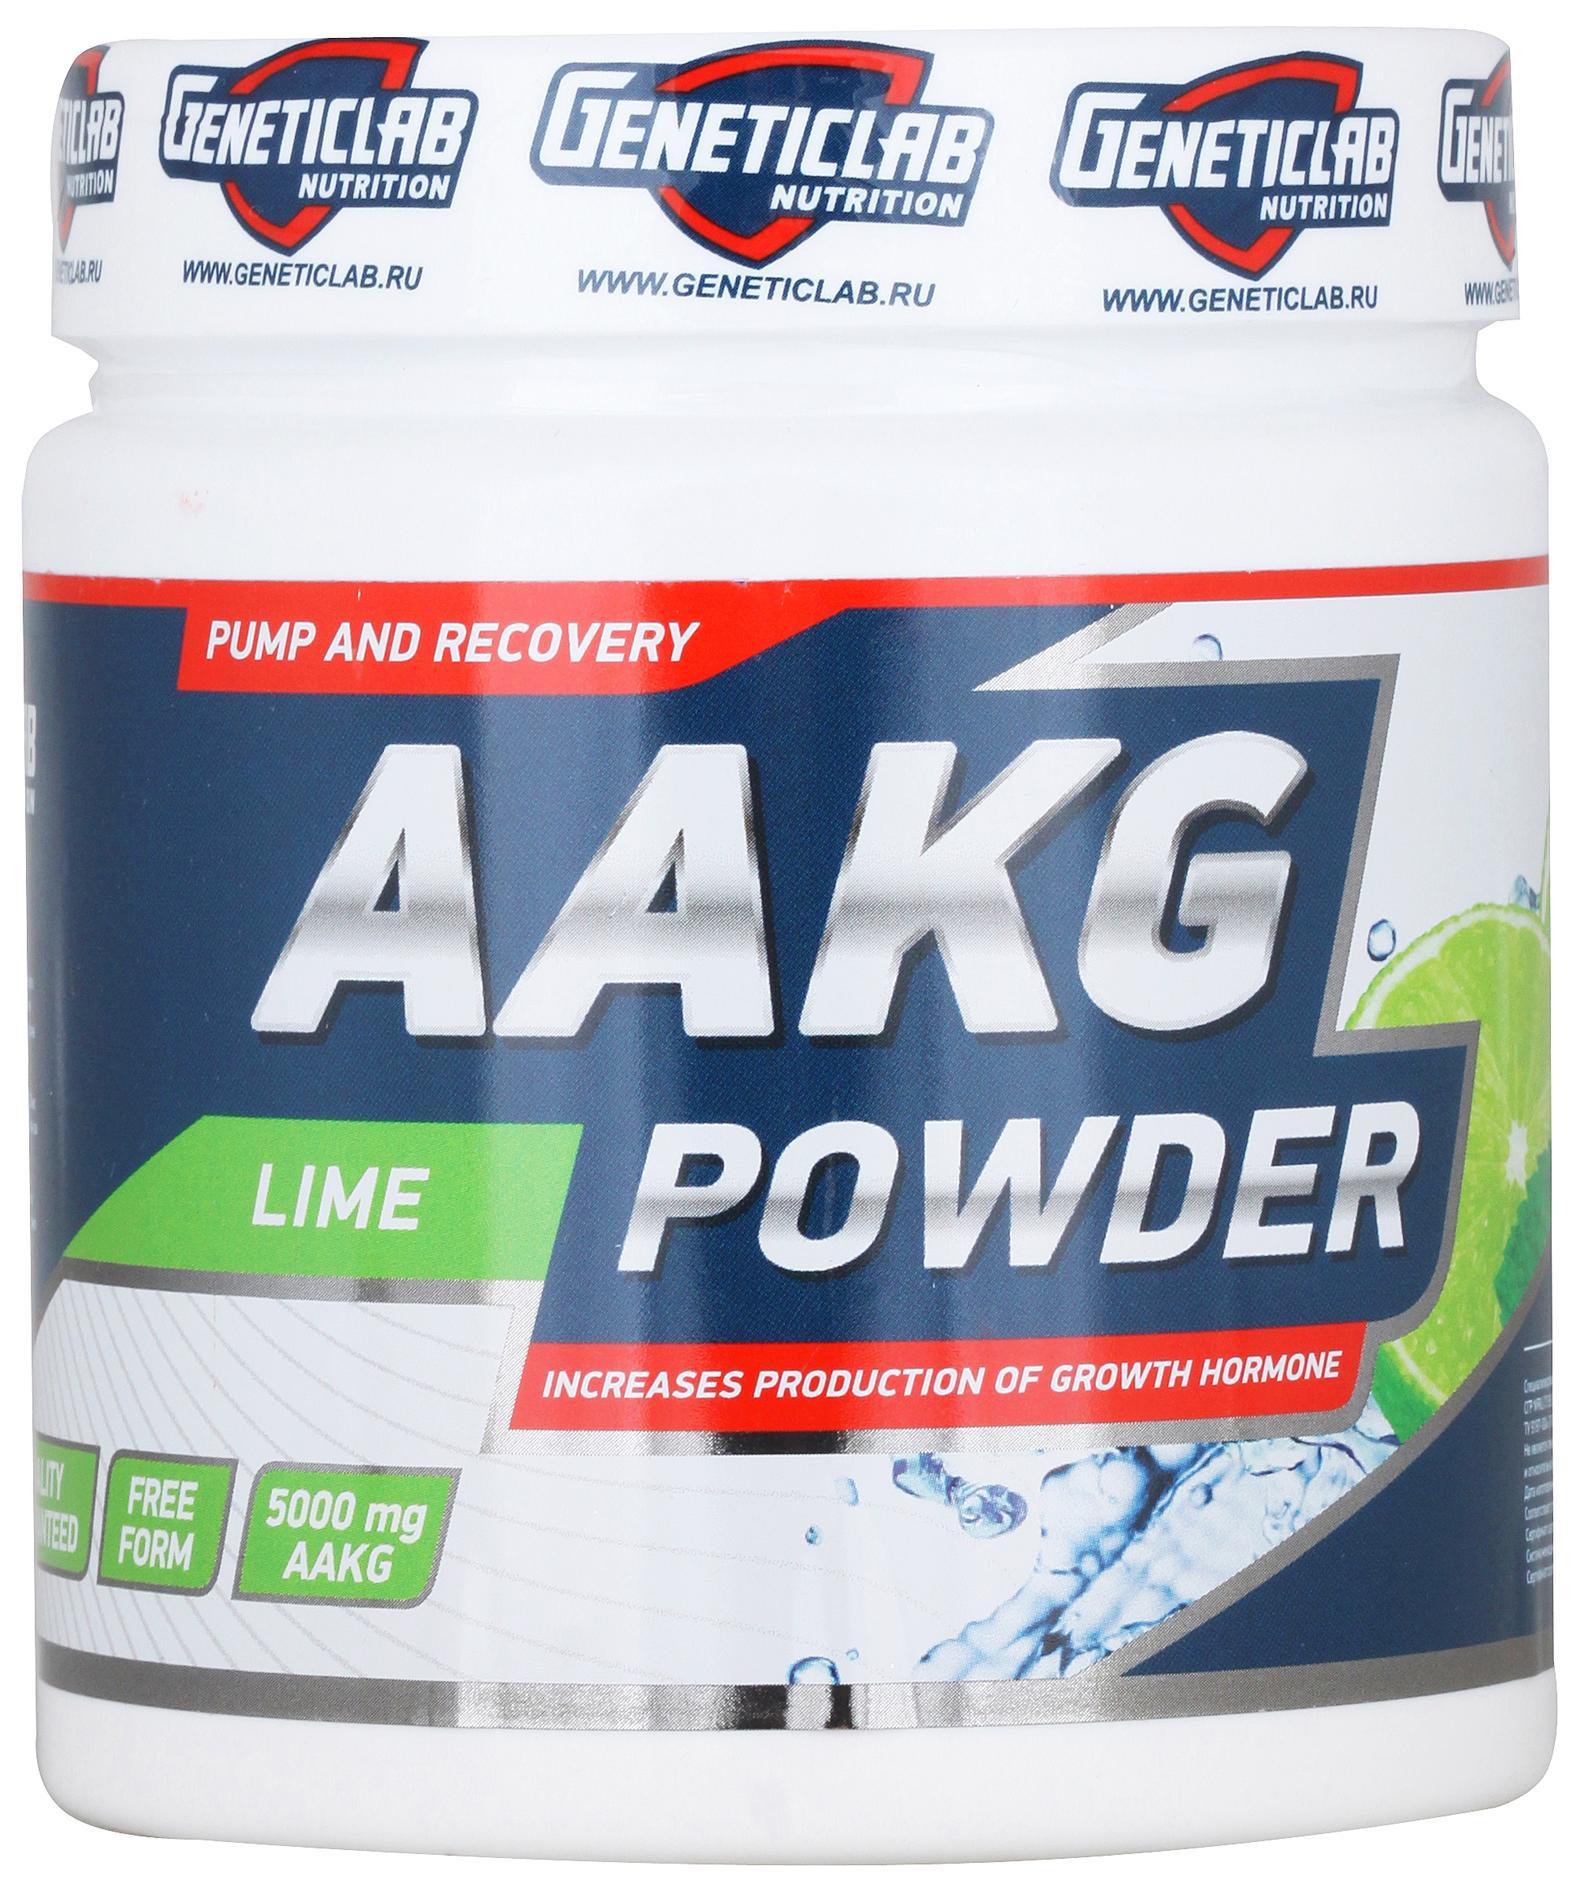 AAKG powder, вкус лайм, 150 гр, Geneticlab